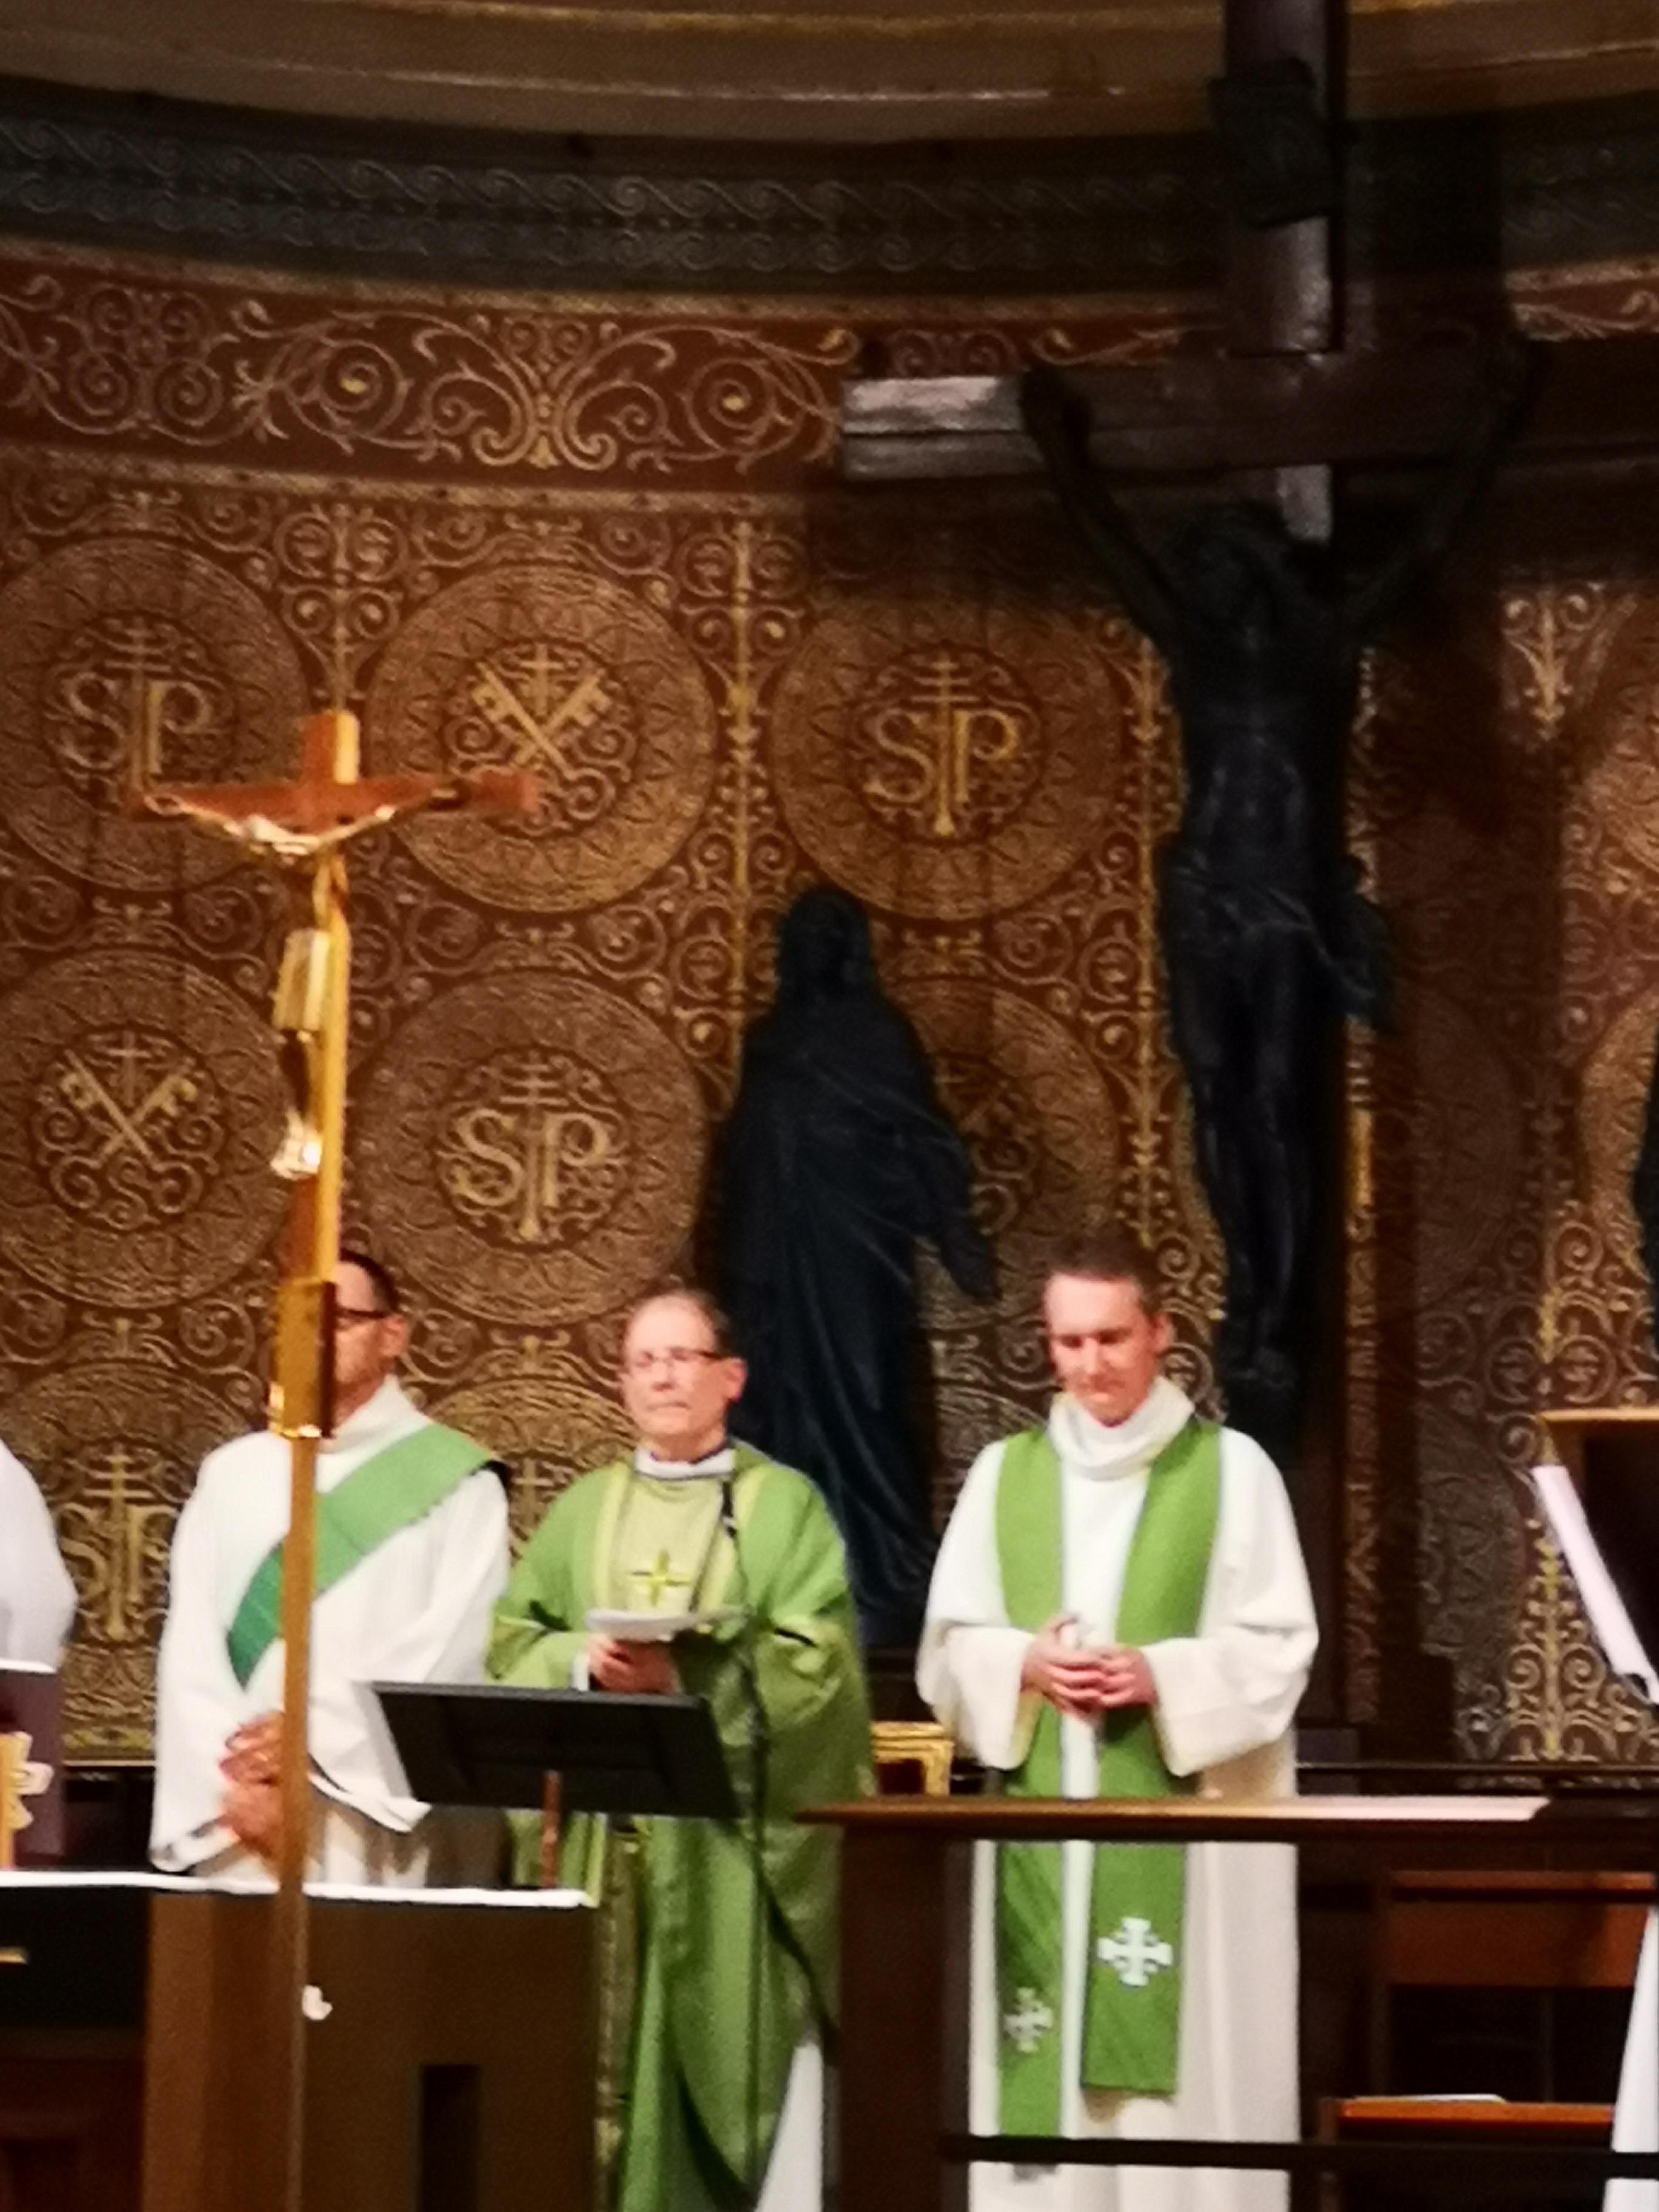 Homélie du Père Stéphane Aulard à l'occasion de l'installation du Père Jérôme Thuault comme curé de St Pierre de Charenton